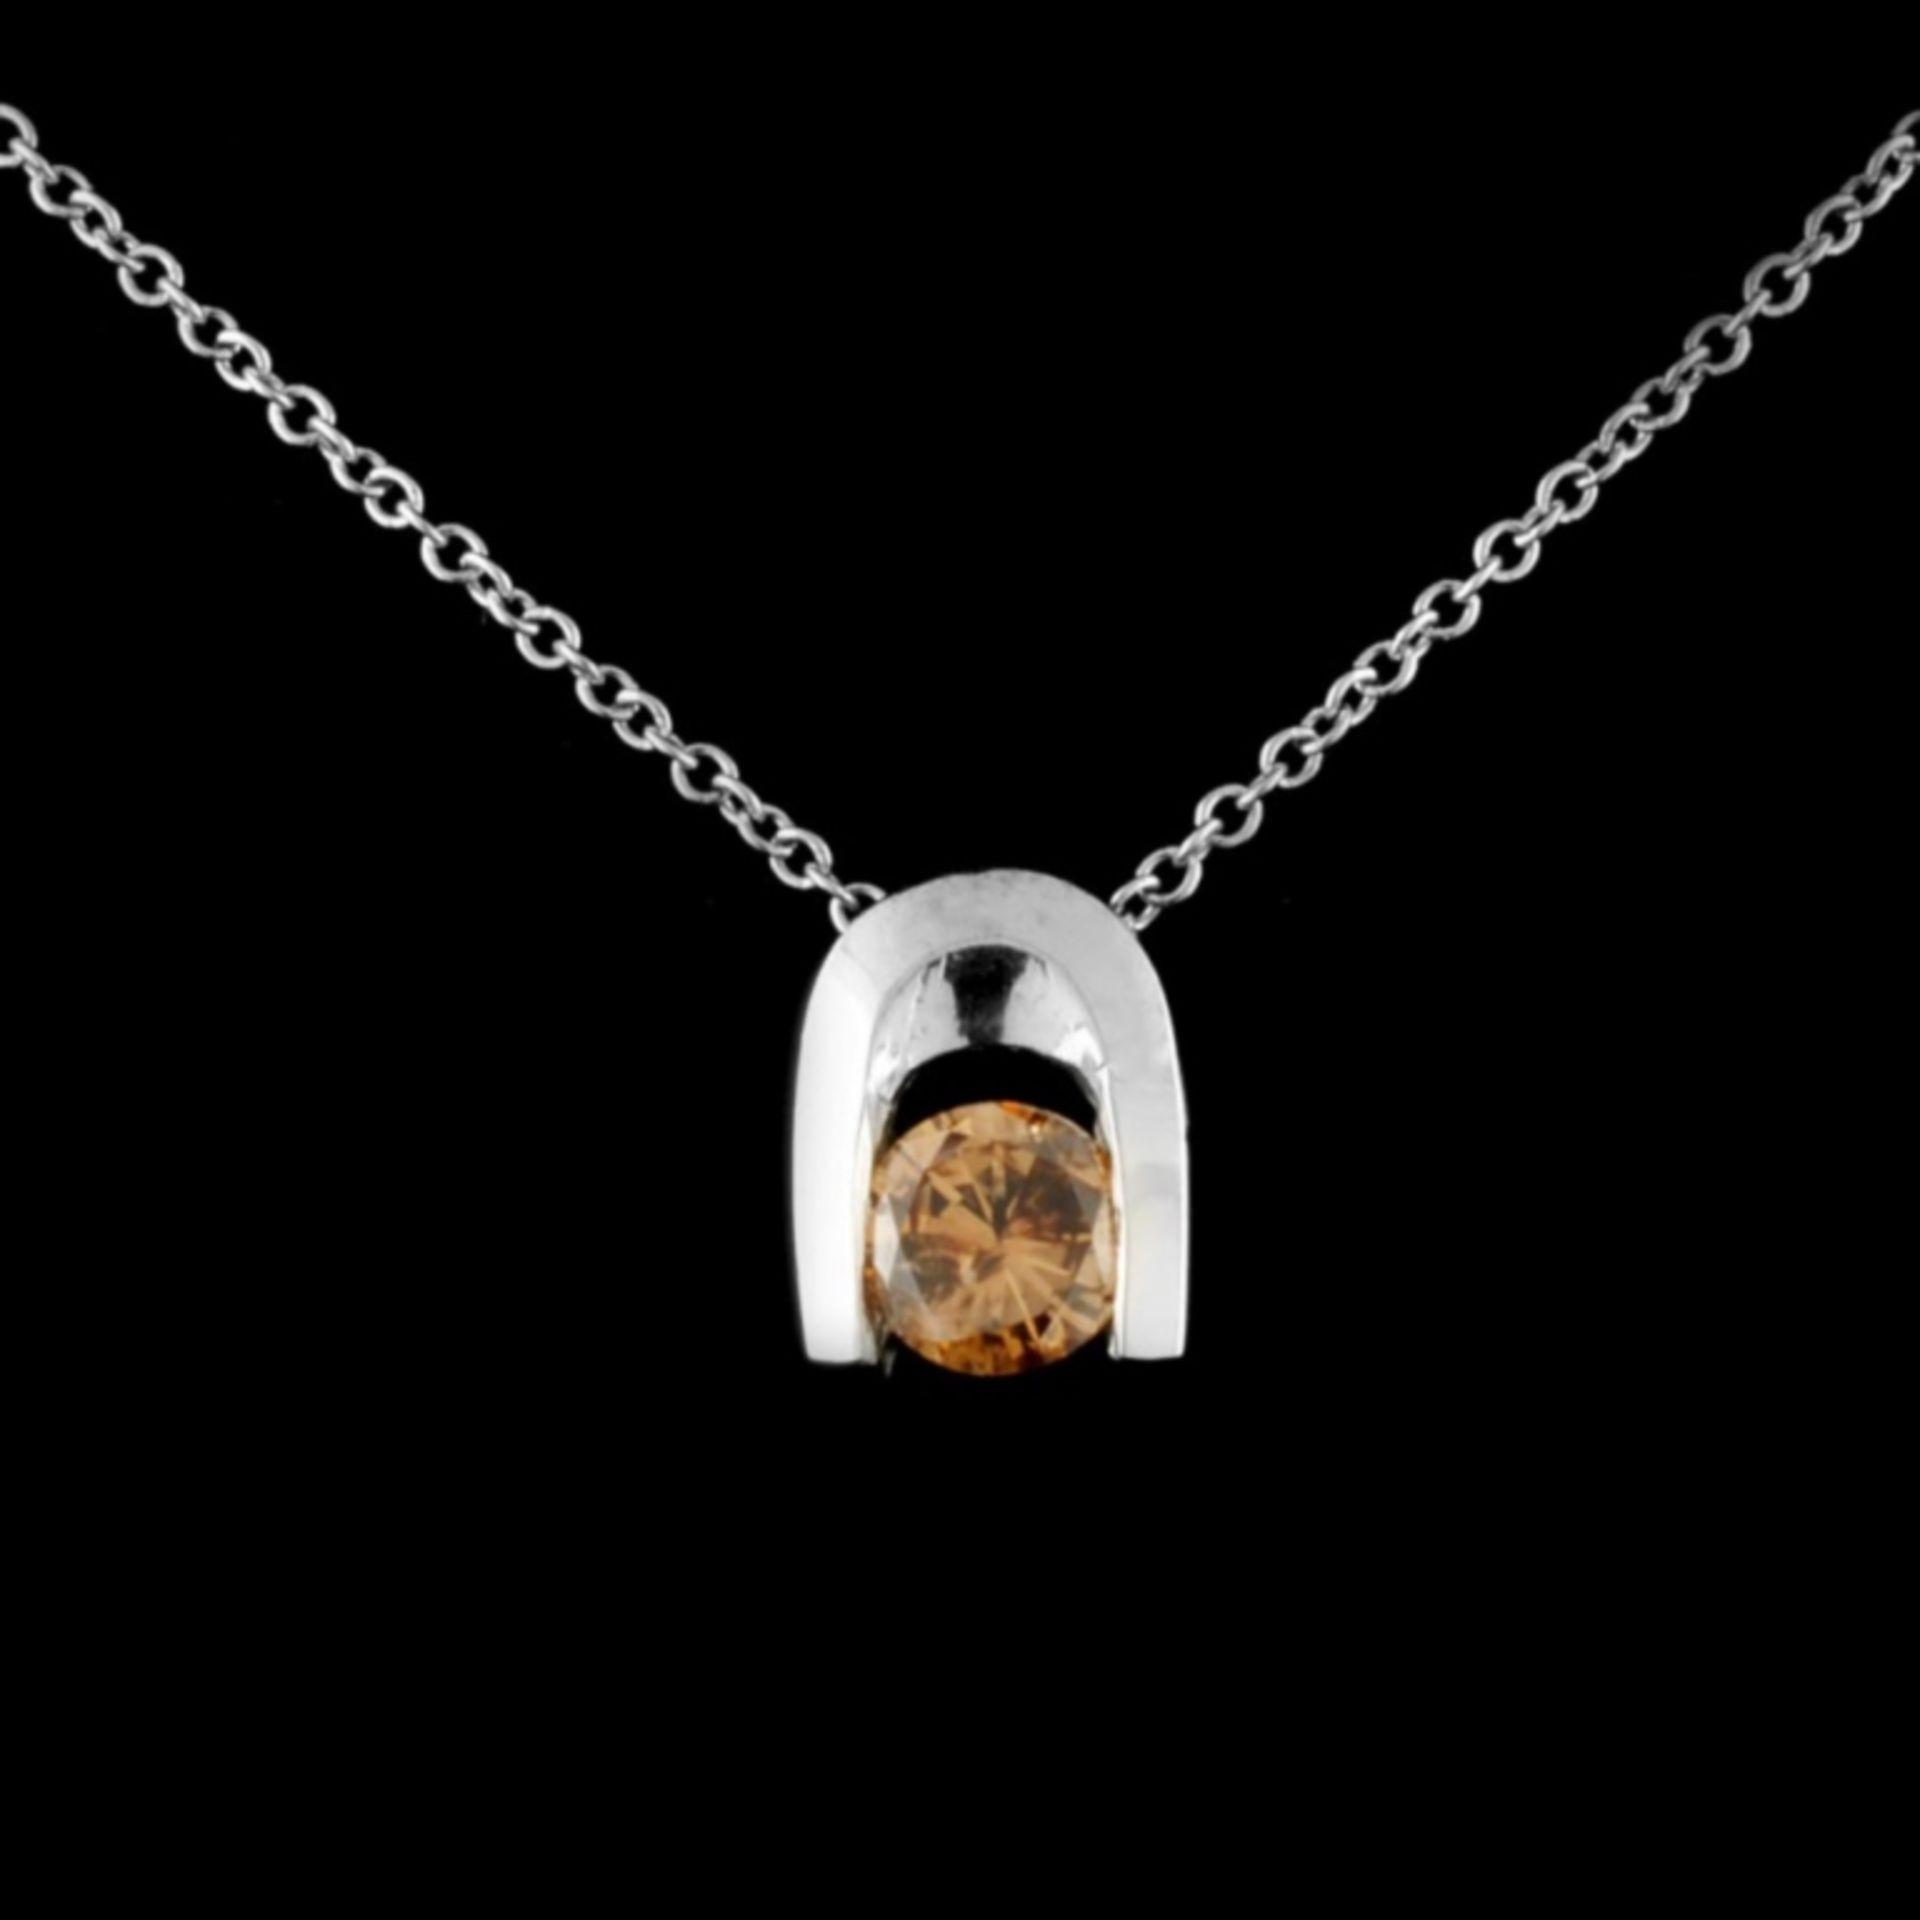 14K Gold 0.45ctw Fancy Color Diamond Pendant